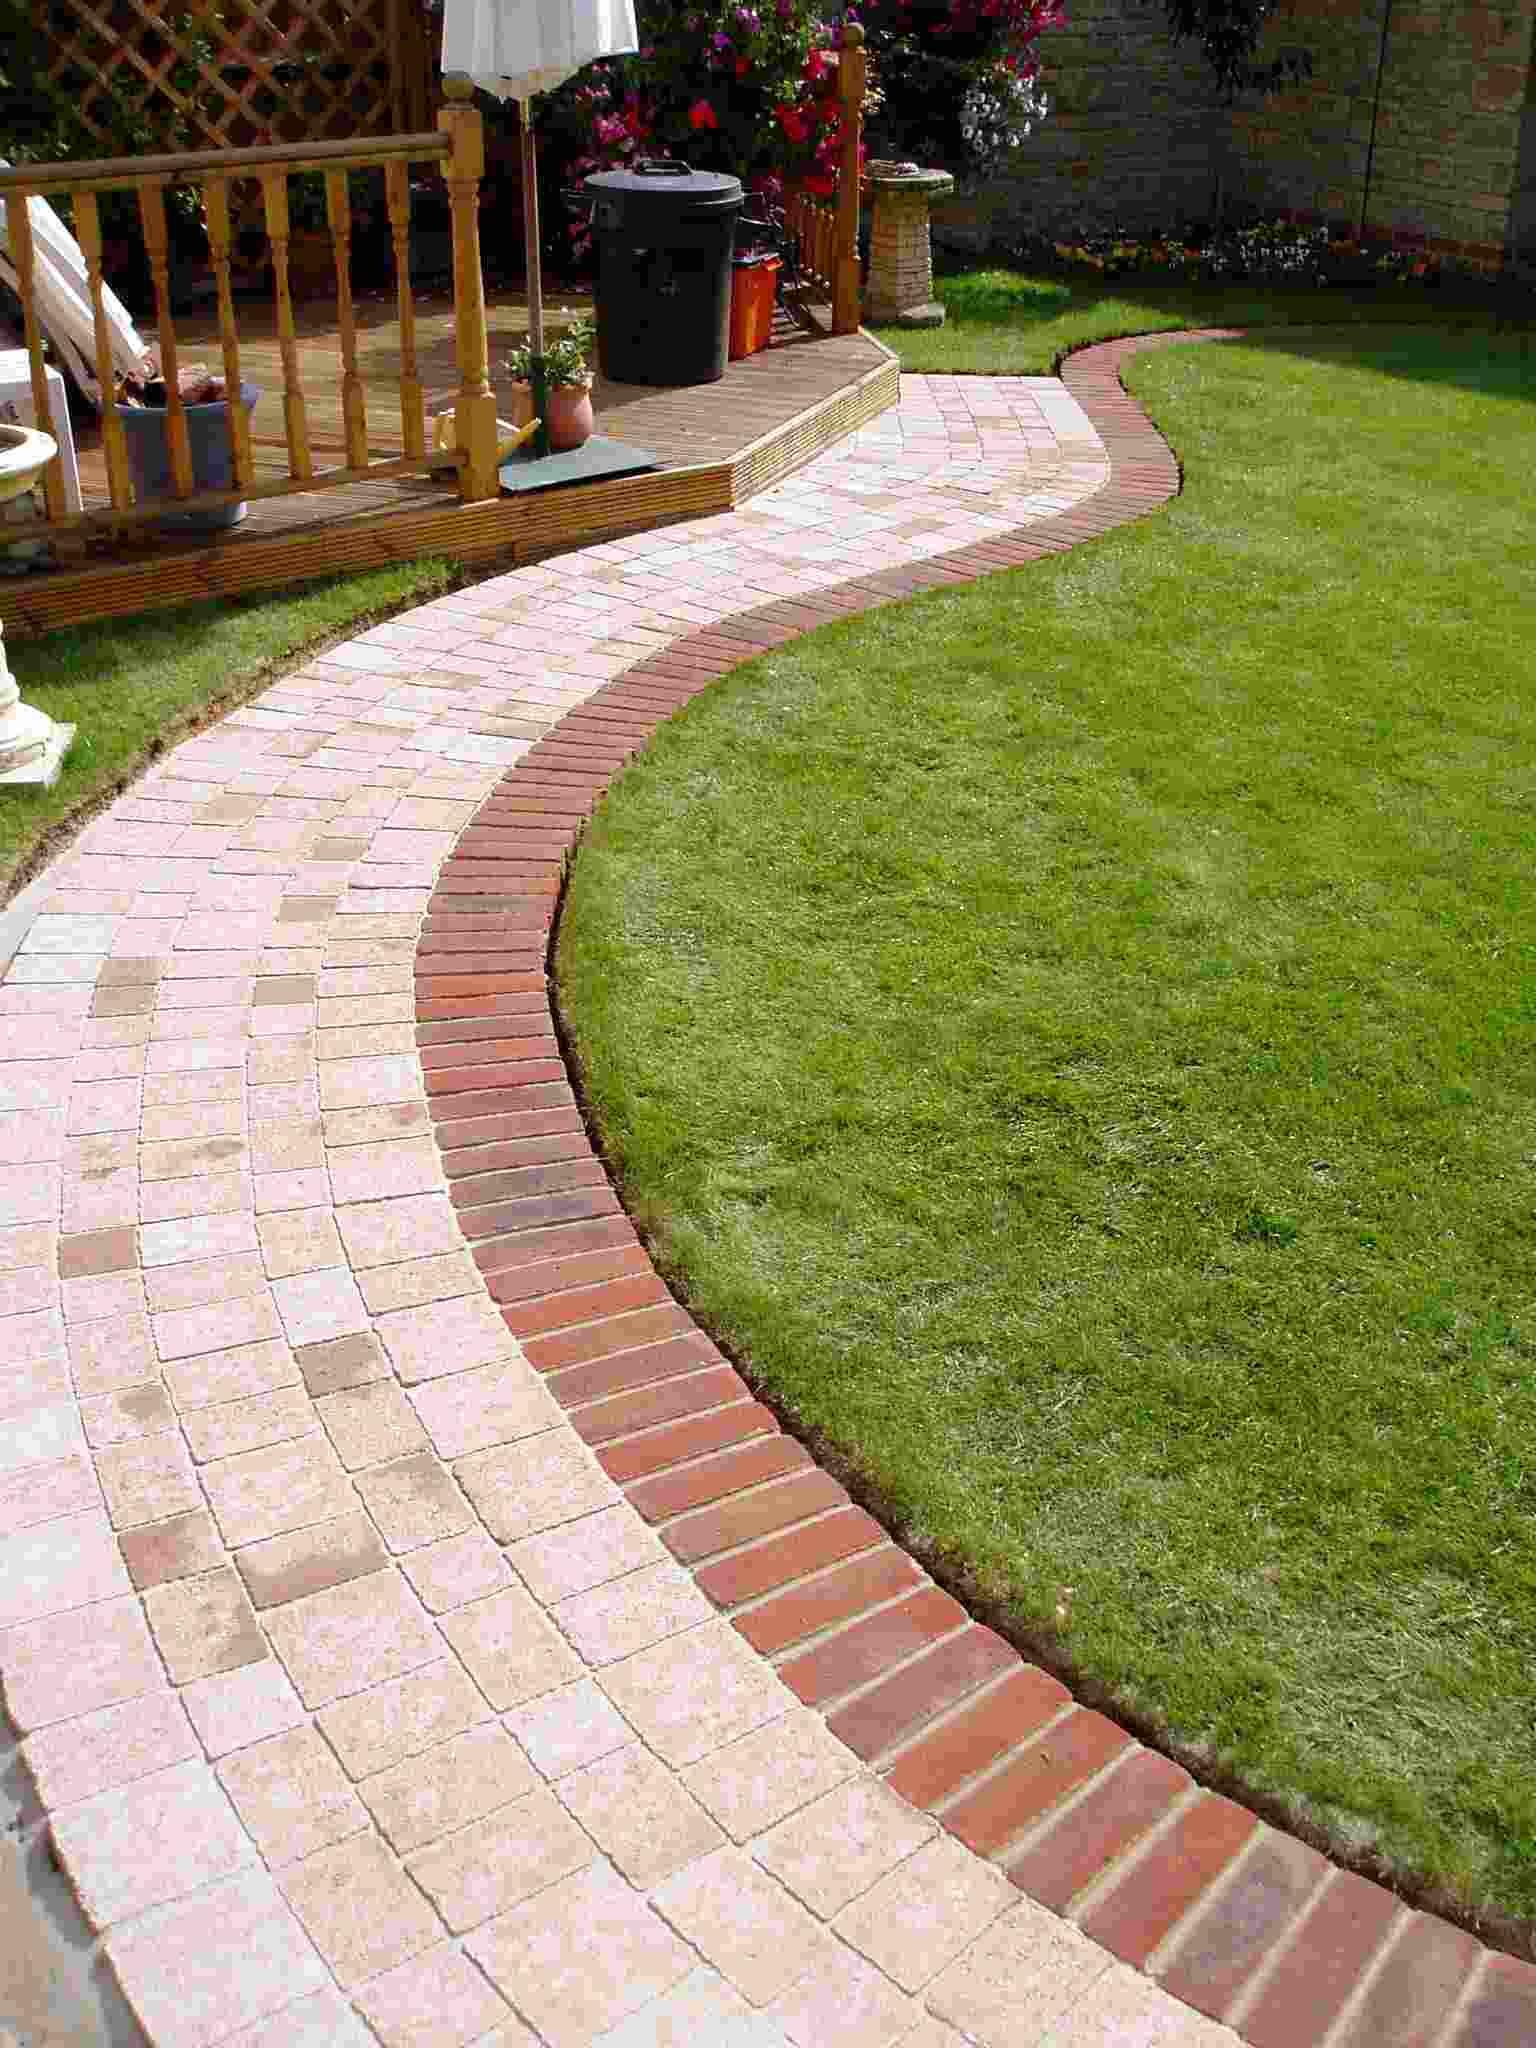 Bordure De Jardin: Préparez Vos Jardins Et Terrasses avec Faire Ses Bordures De Jardin